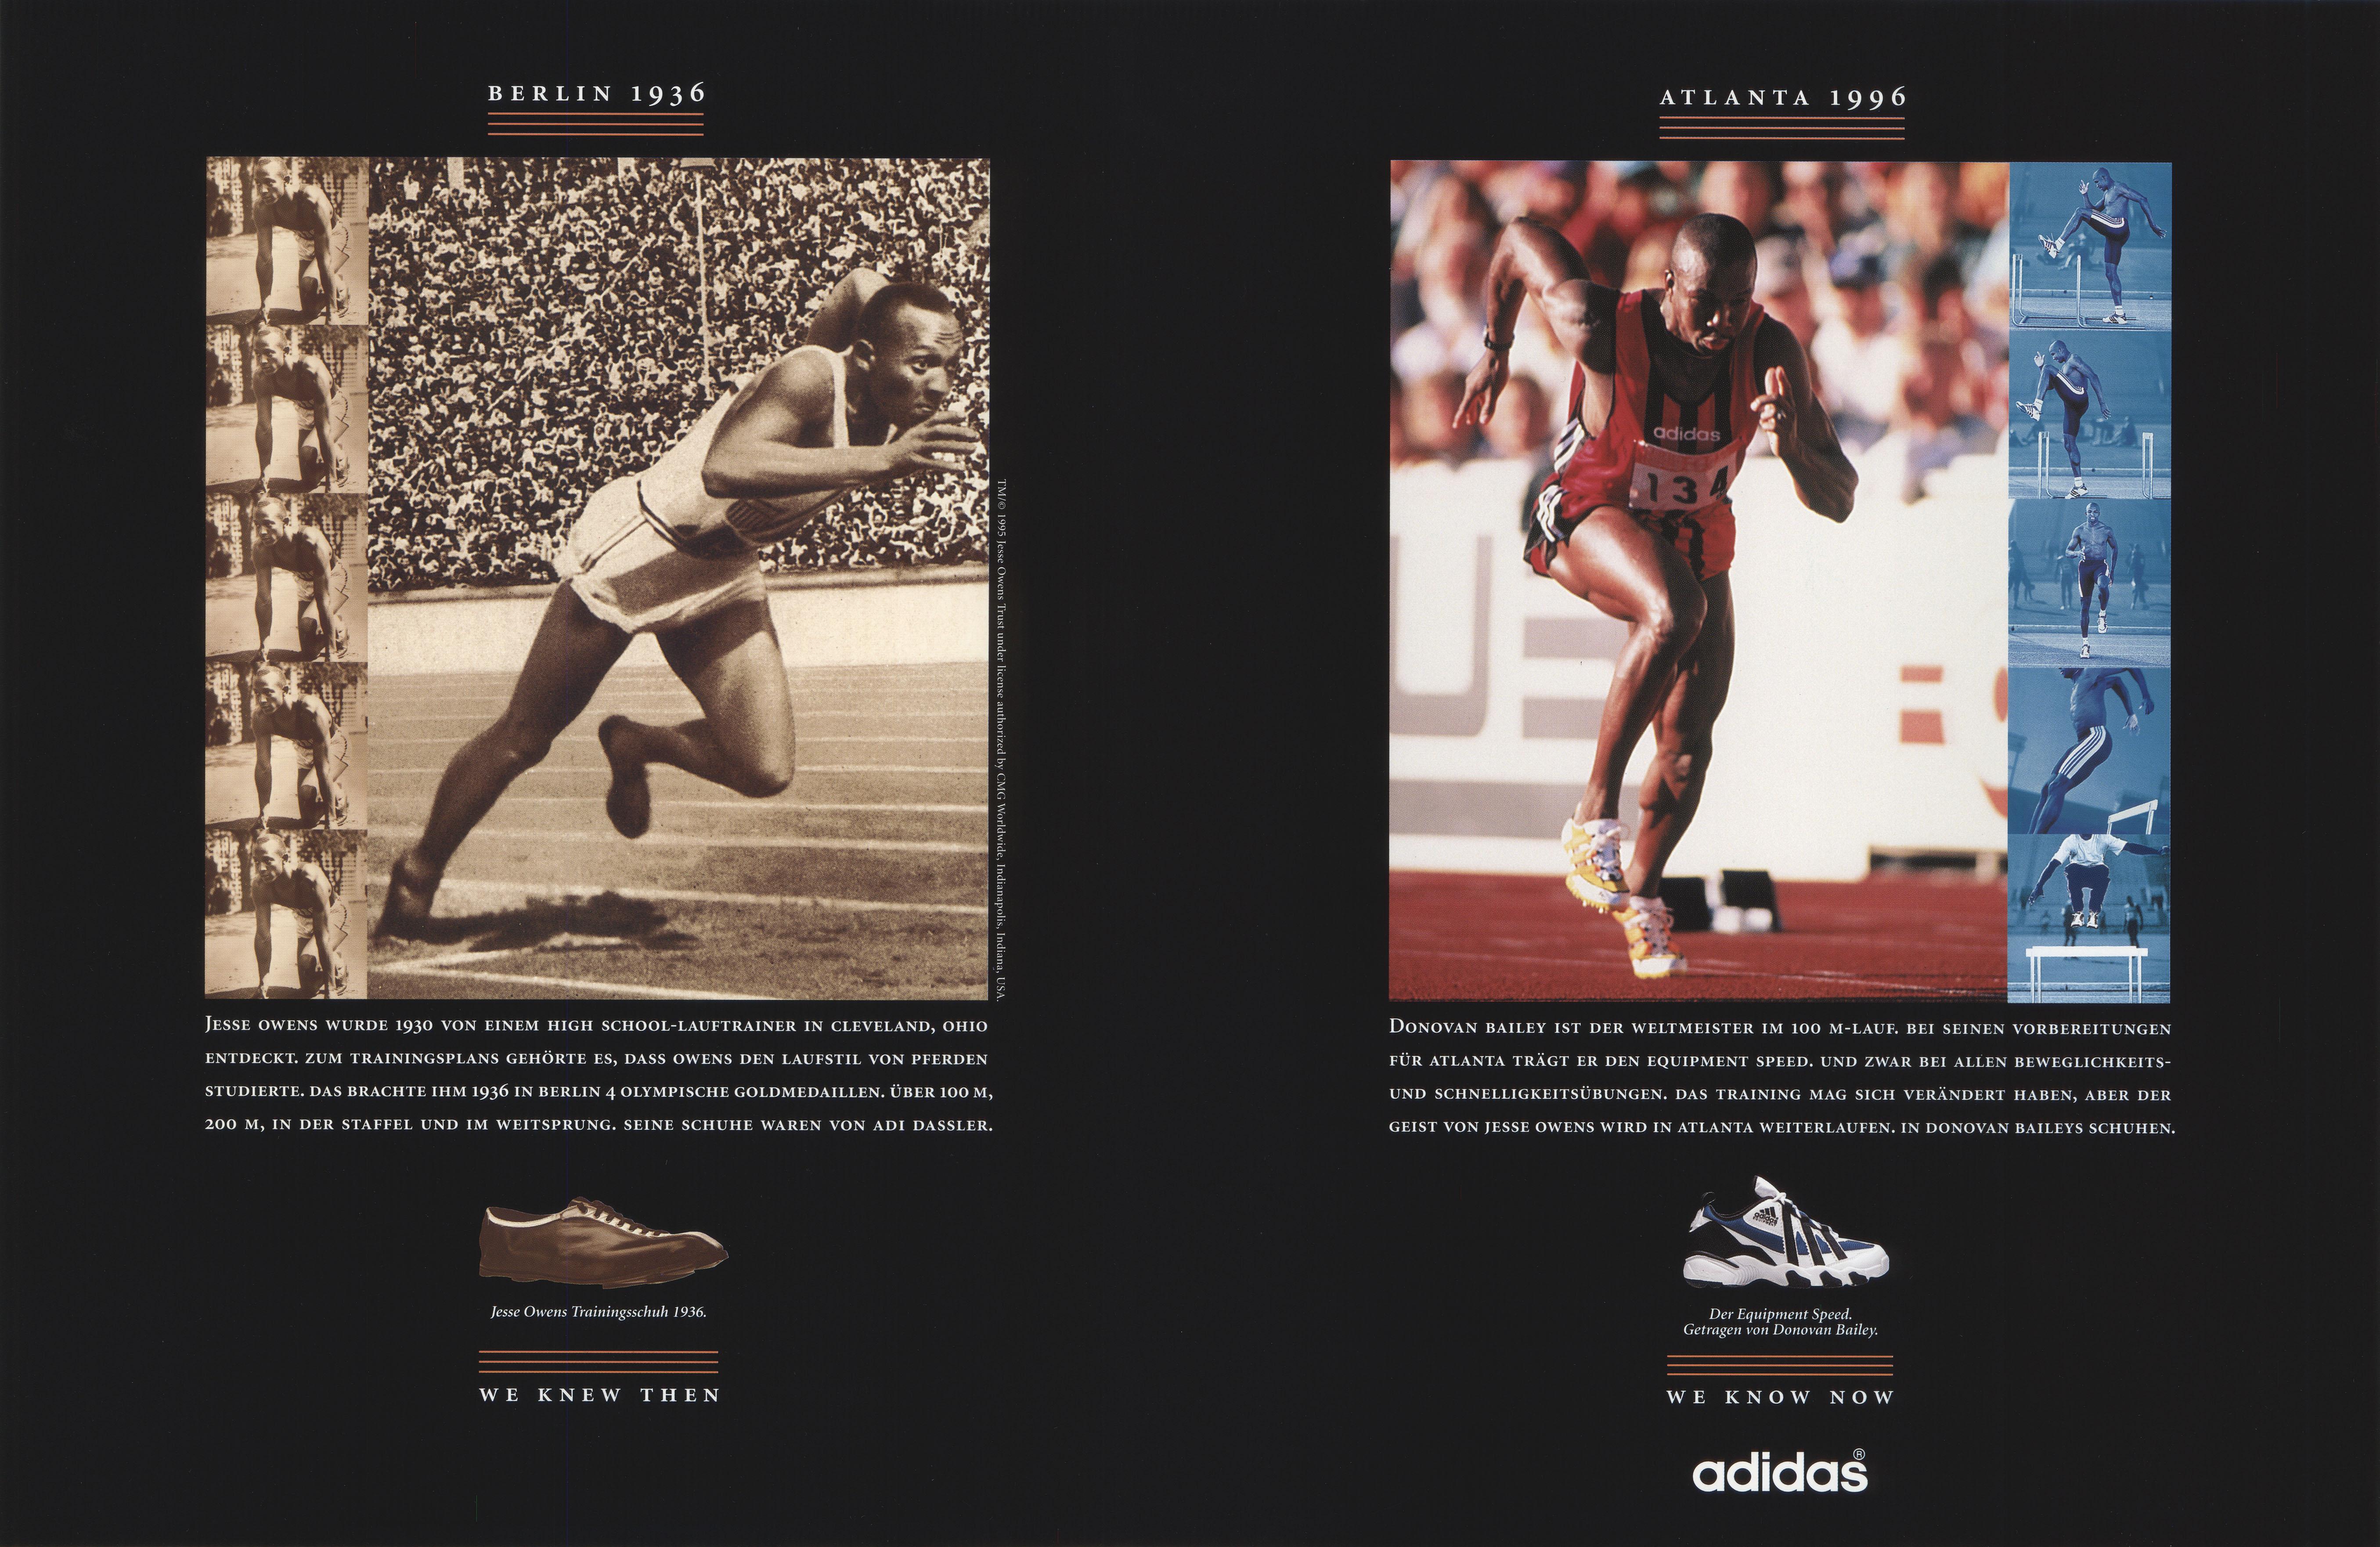 Tim Delaney, adidas 'We Knew Then' 3